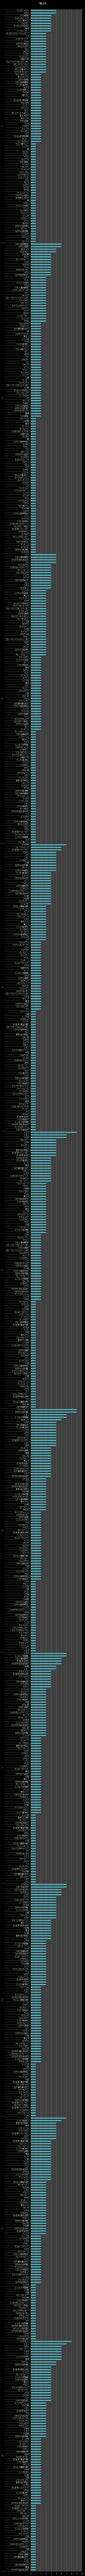 横棒グラフ/サバ